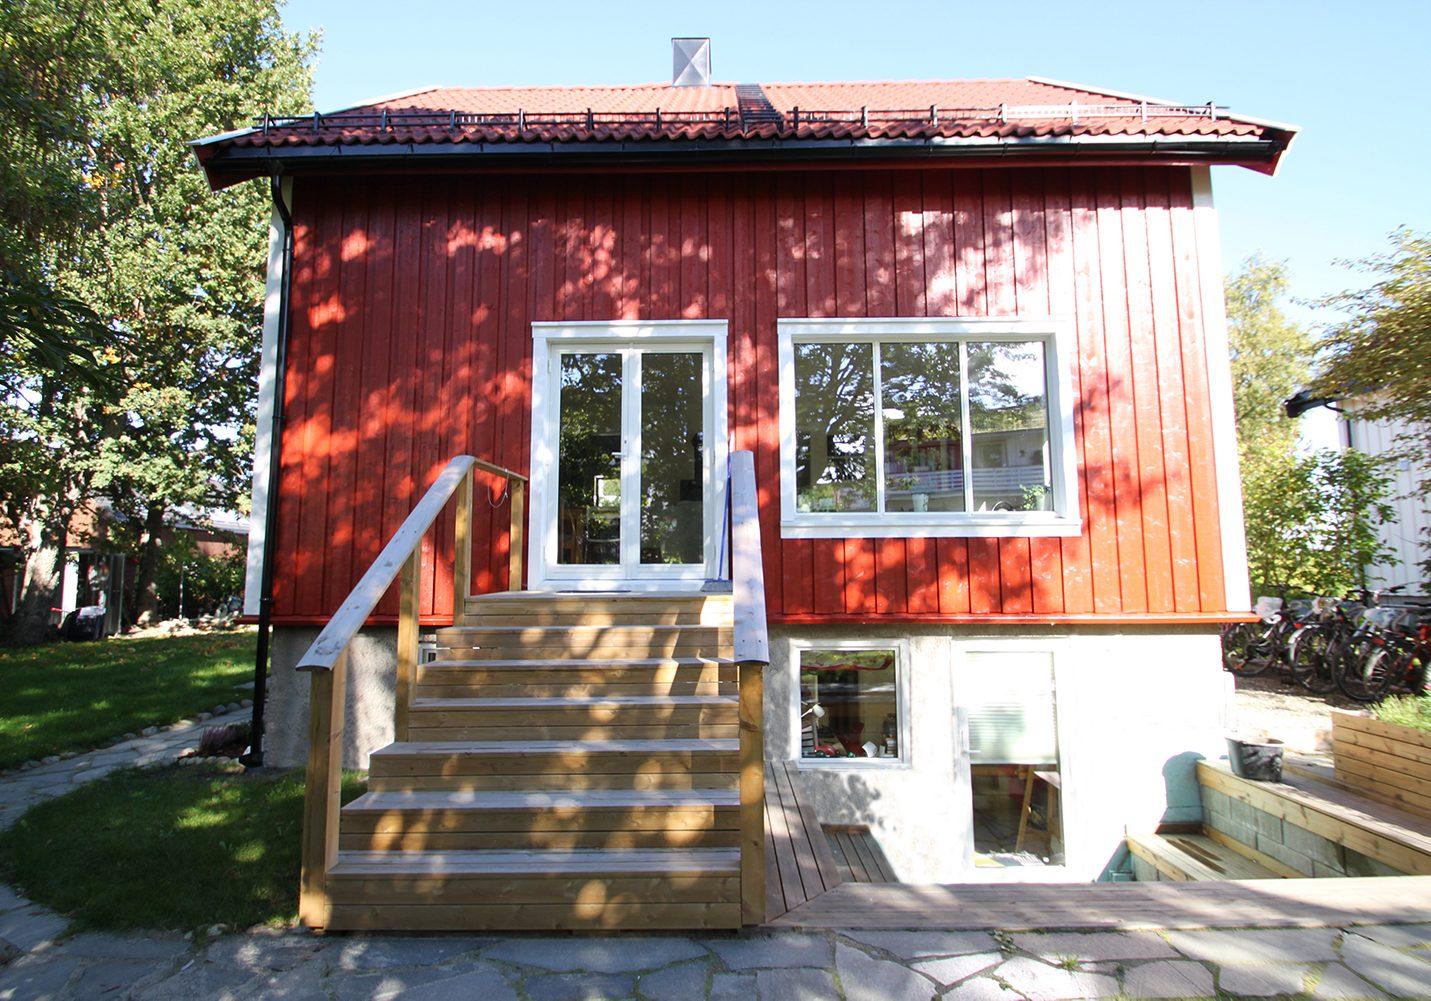 IMG_7690_Brøset_Runa Bjørke